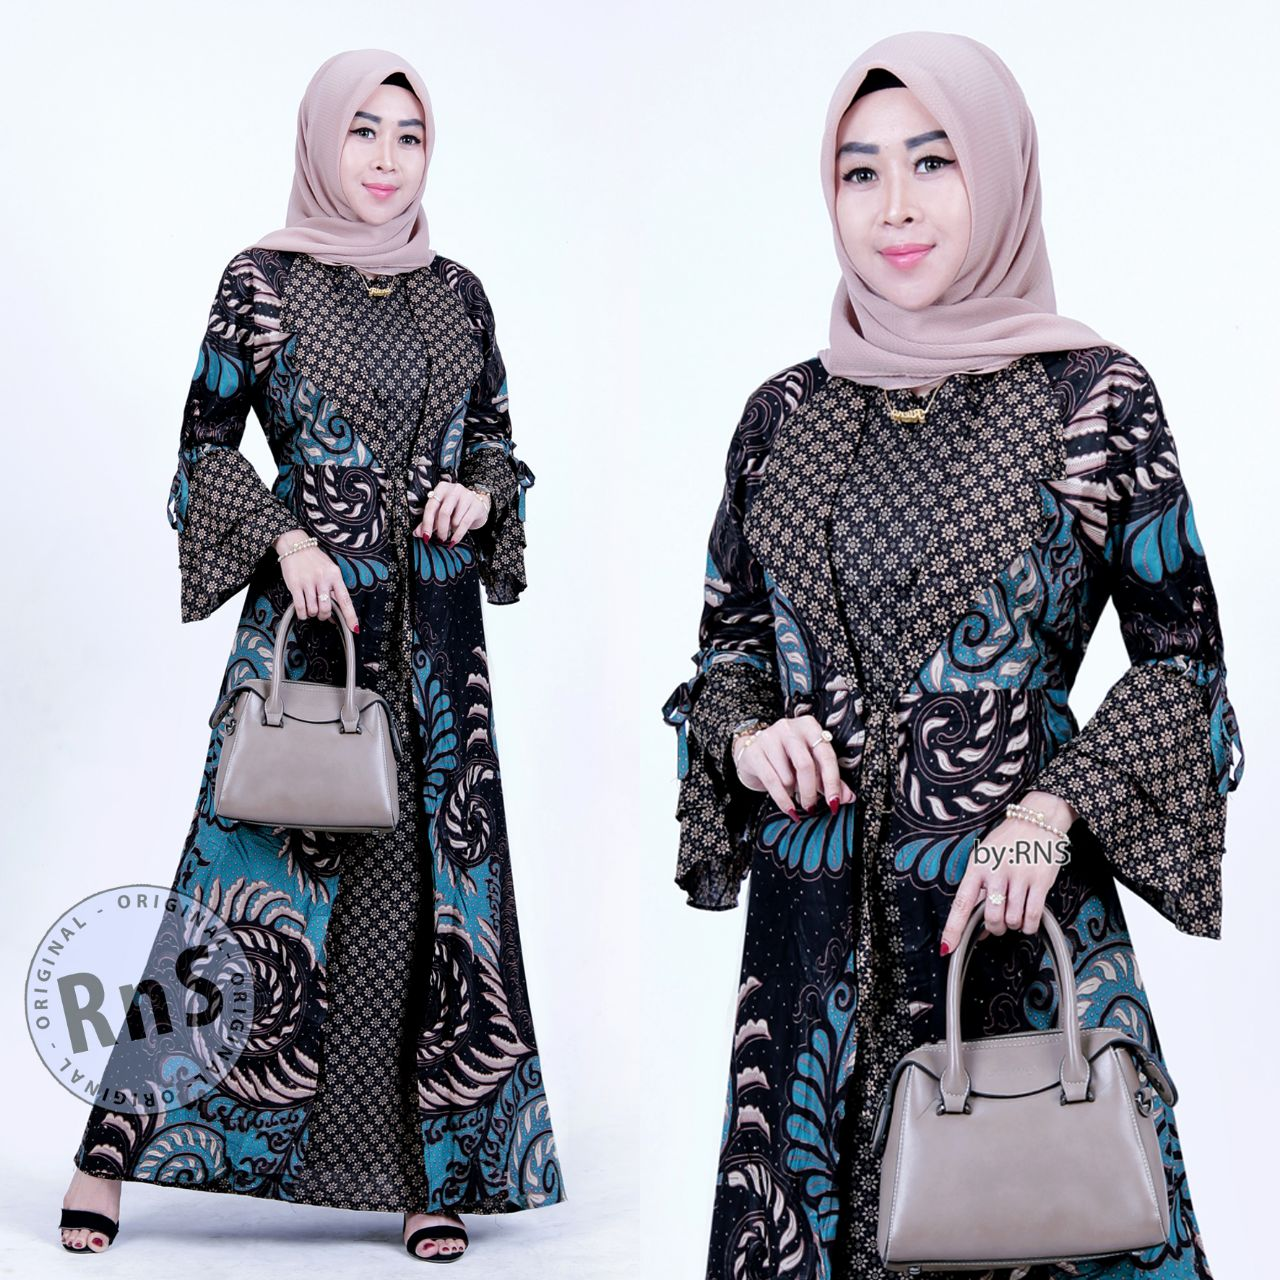 Gamis Wanita Terbaru 2020 Gamis Batik Jazzy Gamis Batik Wanita Modern Jumbo Big Size Gamis Batik Kombinasi Gamis Syar I Gamis Kondangan Lebaran Full Katun Halus Lazada Indonesia